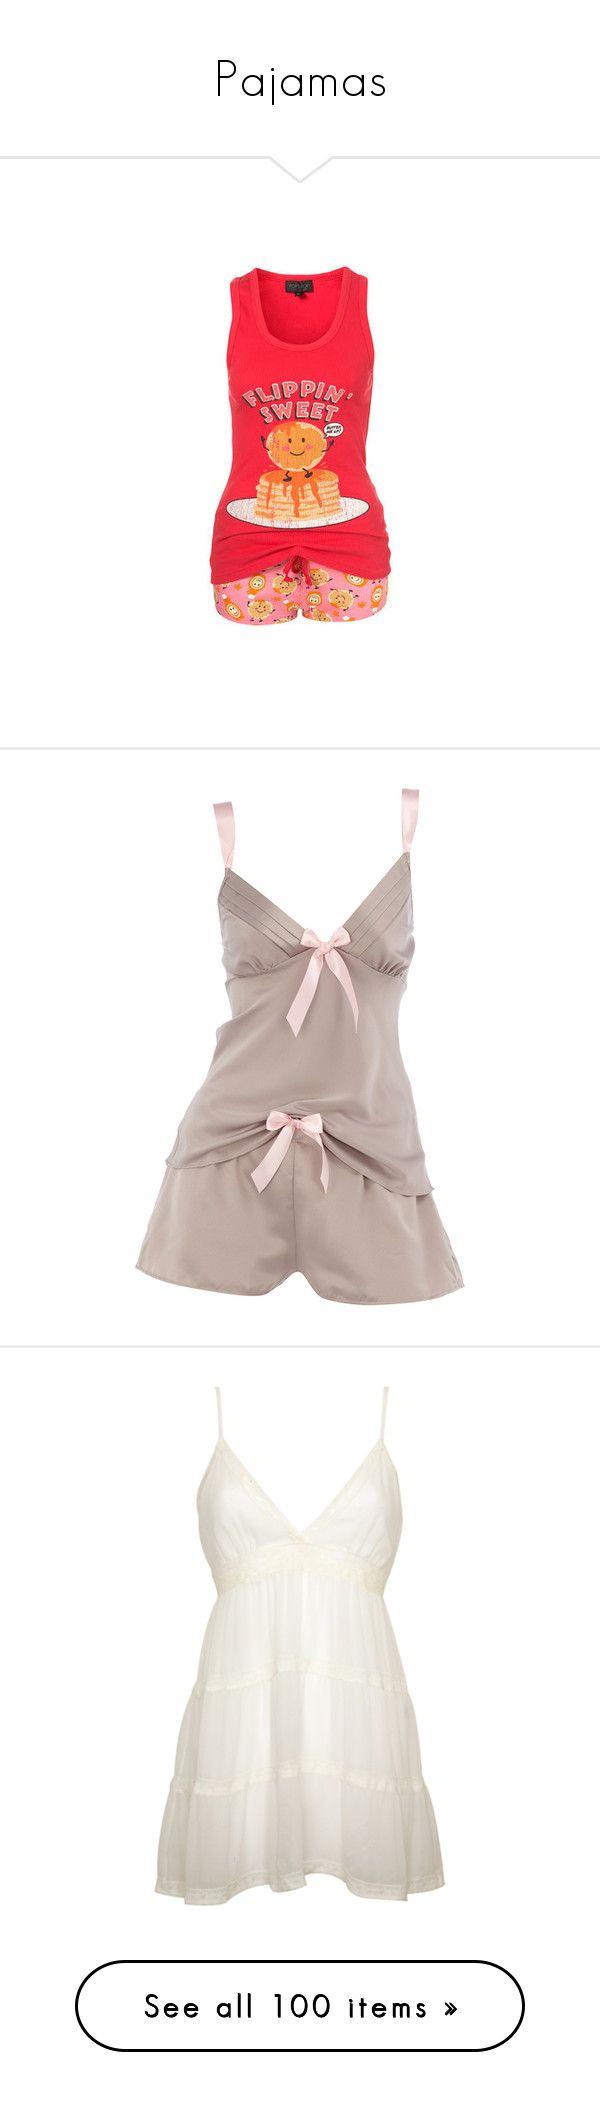 """""""Pajamas"""" by babygirl61797 ❤ liked on Polyvore featuring pajamas, pijamas, sleepwear, pyjamas, intimates, lingerie, underwear, women, bow lingerie and satin pyjamas"""